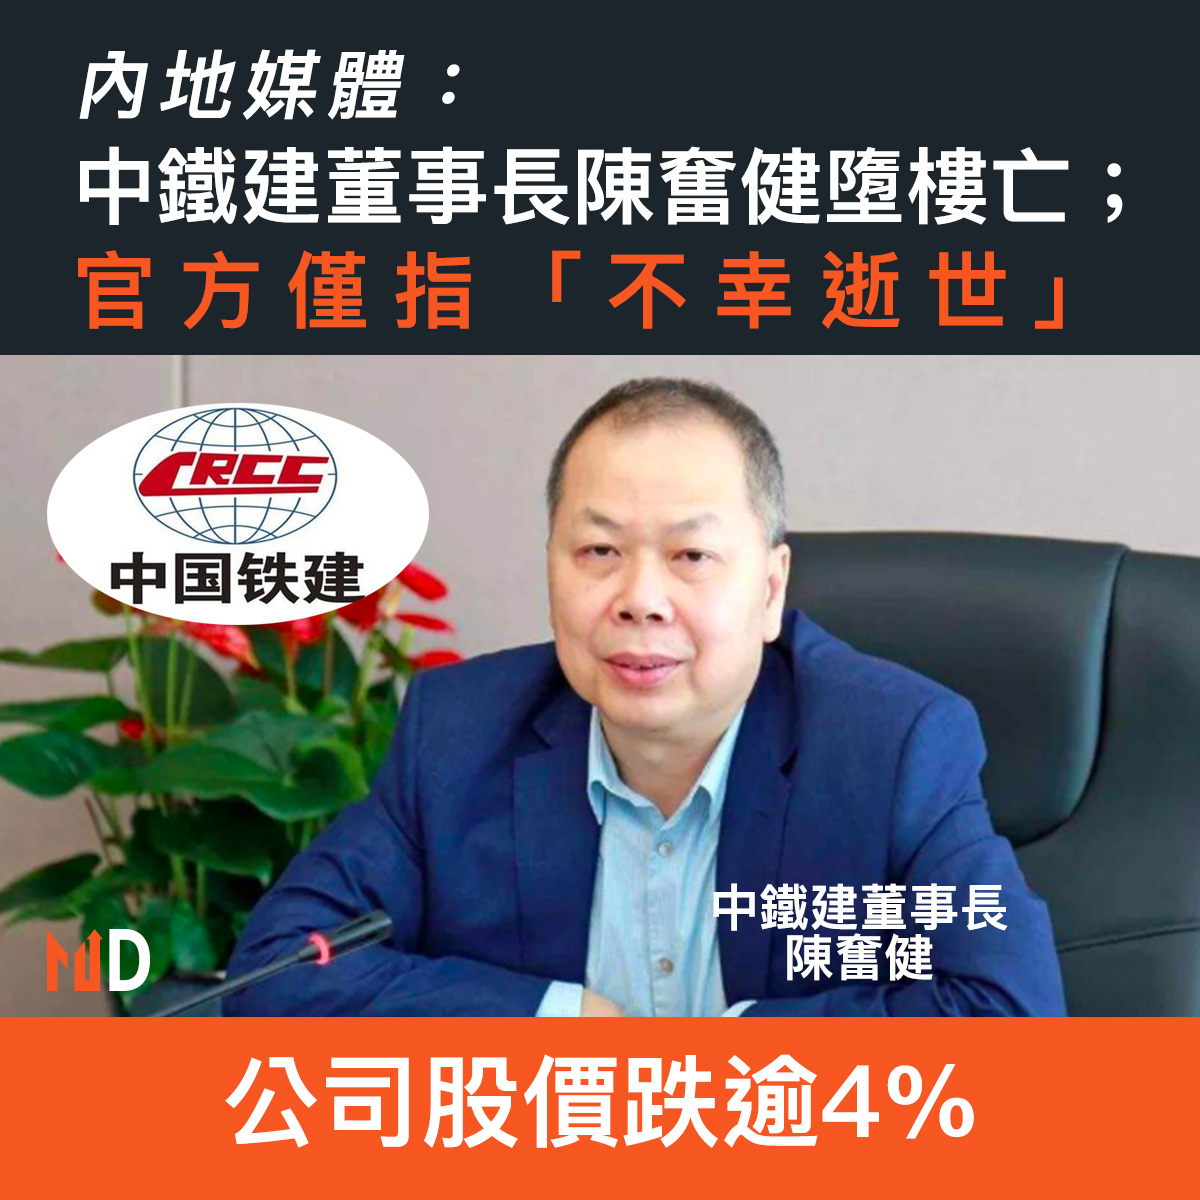 【市場熱話】內地媒體:中鐵建董事長陳奮健墮樓亡;官方僅指「不幸逝世」